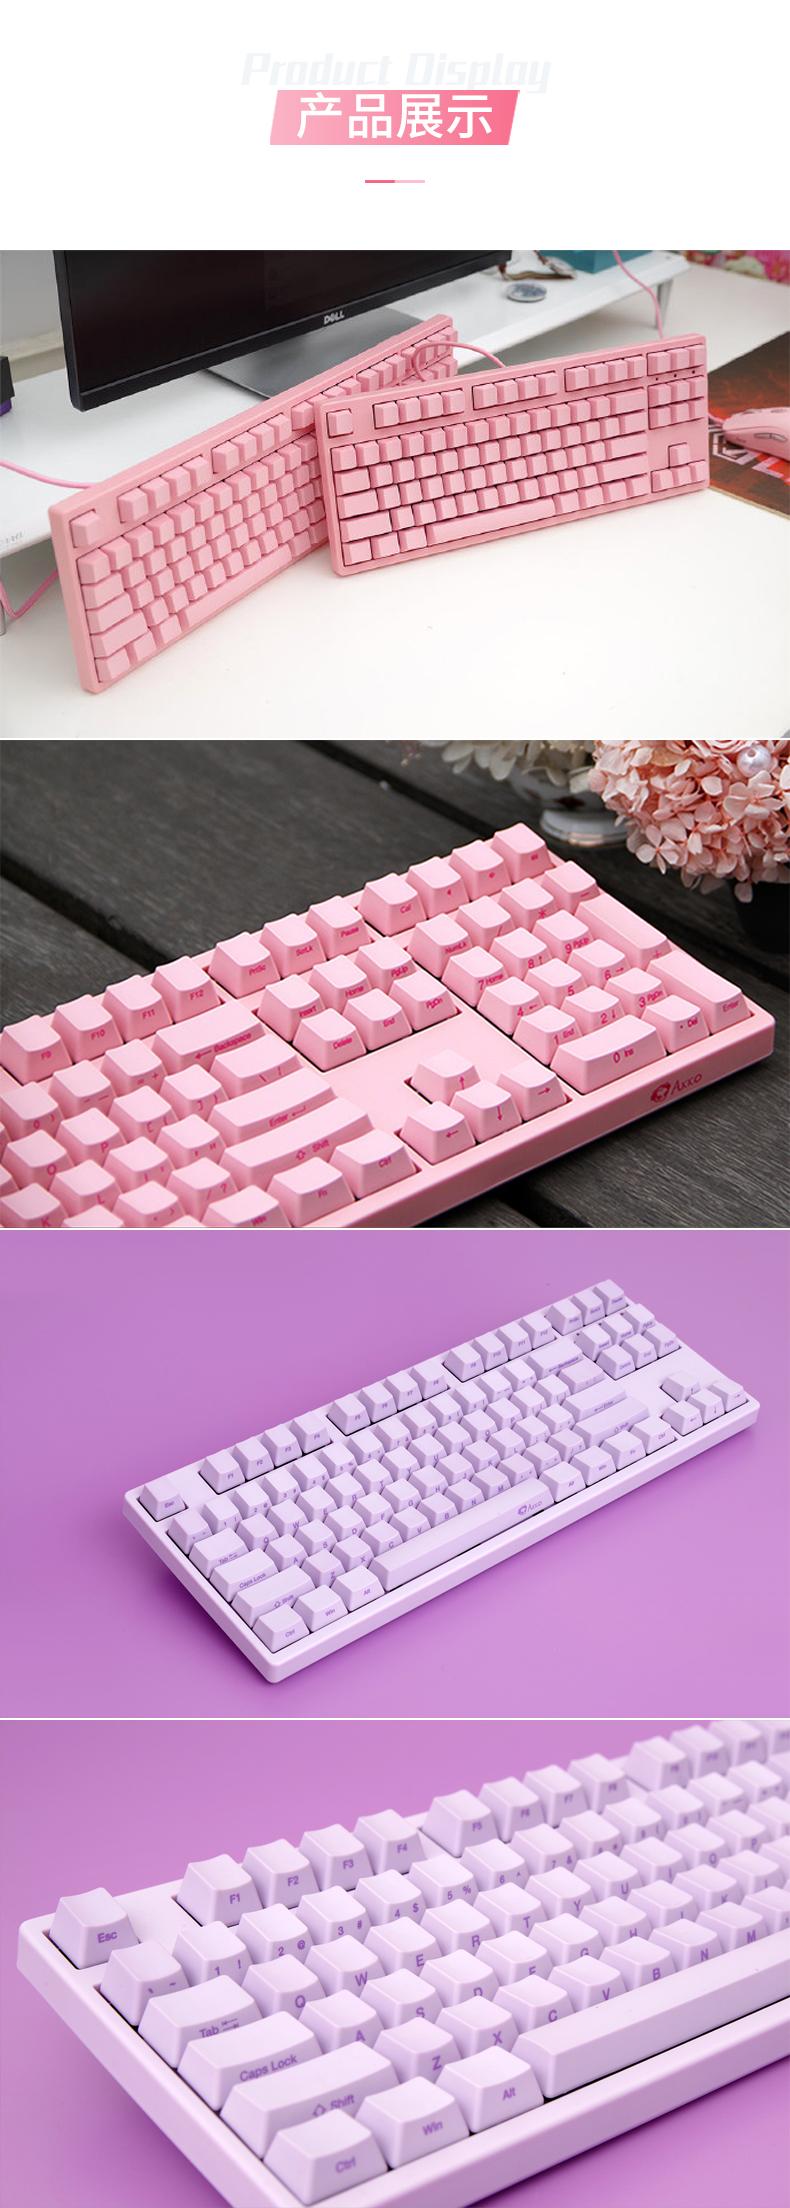 游戏机械键盘轴樱桃轴青轴茶轴红轴黑轴粉色少女生键键键帽侧刻电竞臺式笔记本有线详细照片